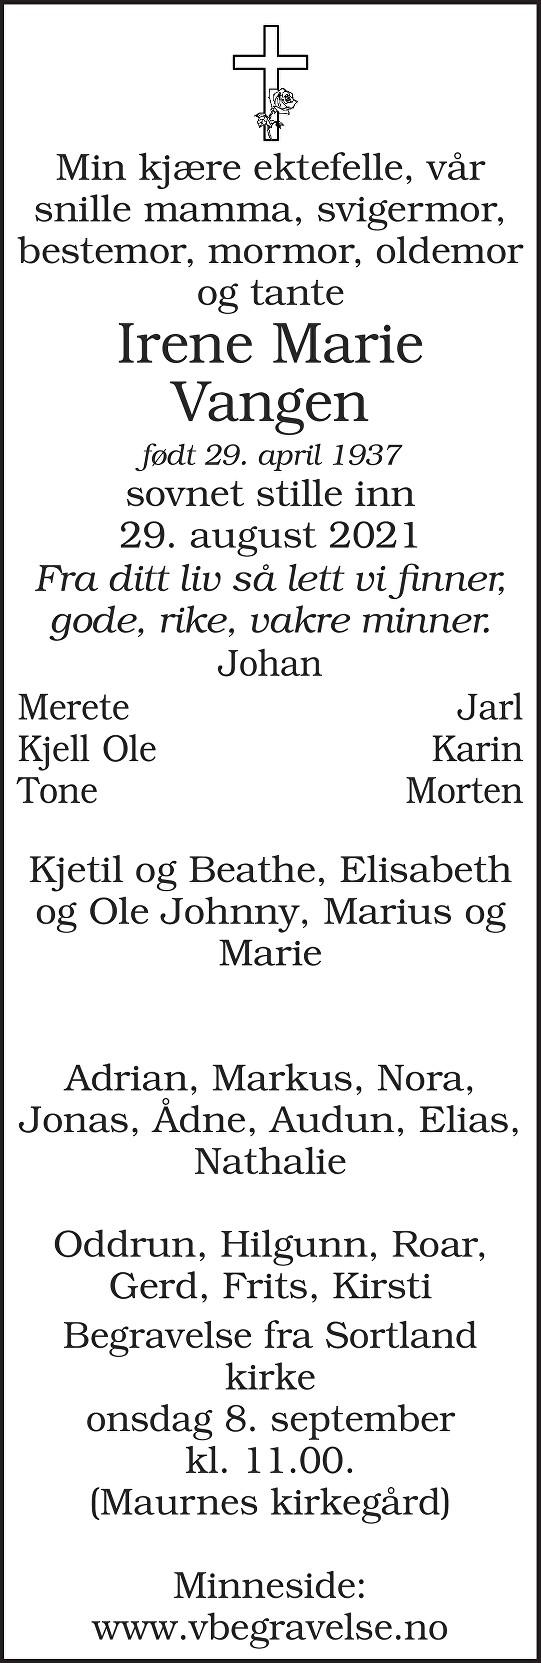 Irene Marie Vangen Dødsannonse